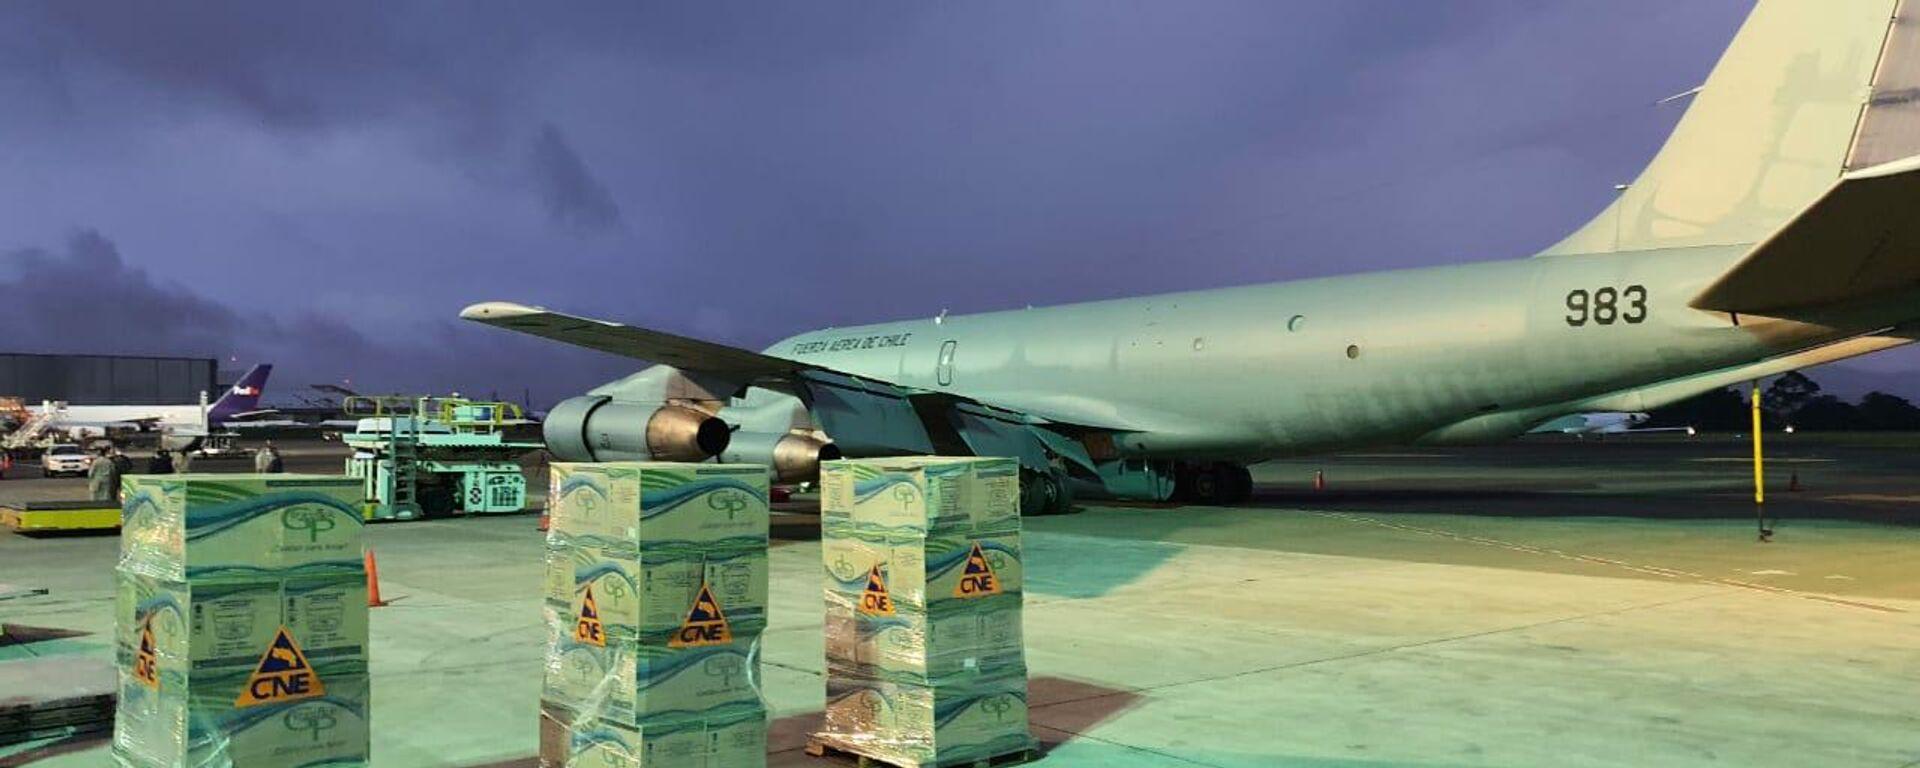 Costa Rica envía 9,5 toneladas de ayuda humanitaria a Haití - Sputnik Mundo, 1920, 26.08.2021